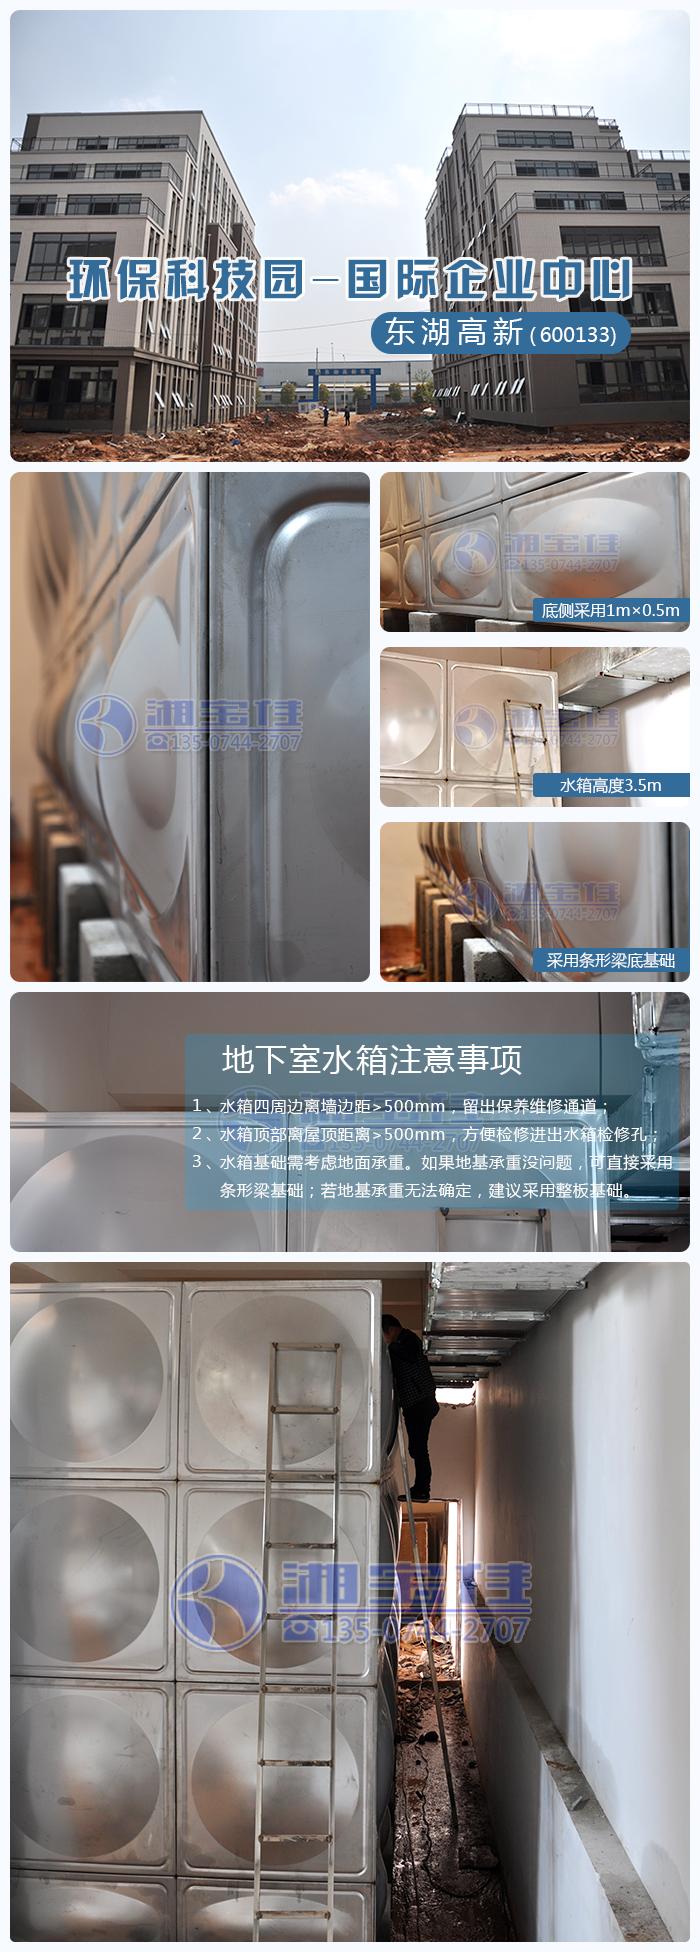 东湖高新武汉不锈钢水箱